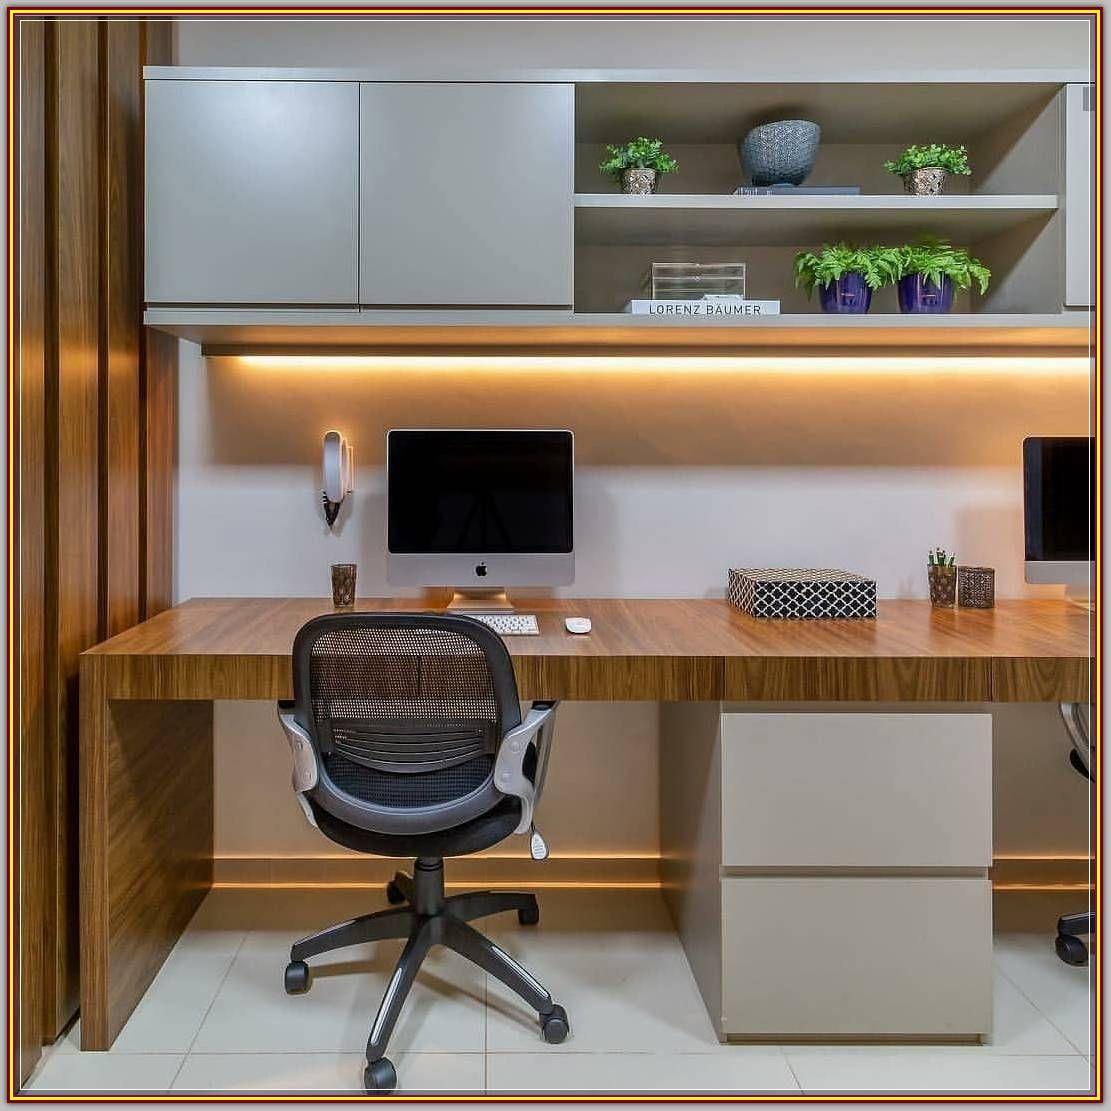 Most Popular Modern Home Office Design Ideas For Inspiration Modern Interior Design Home Office Table Home Office Design Home Office Furniture